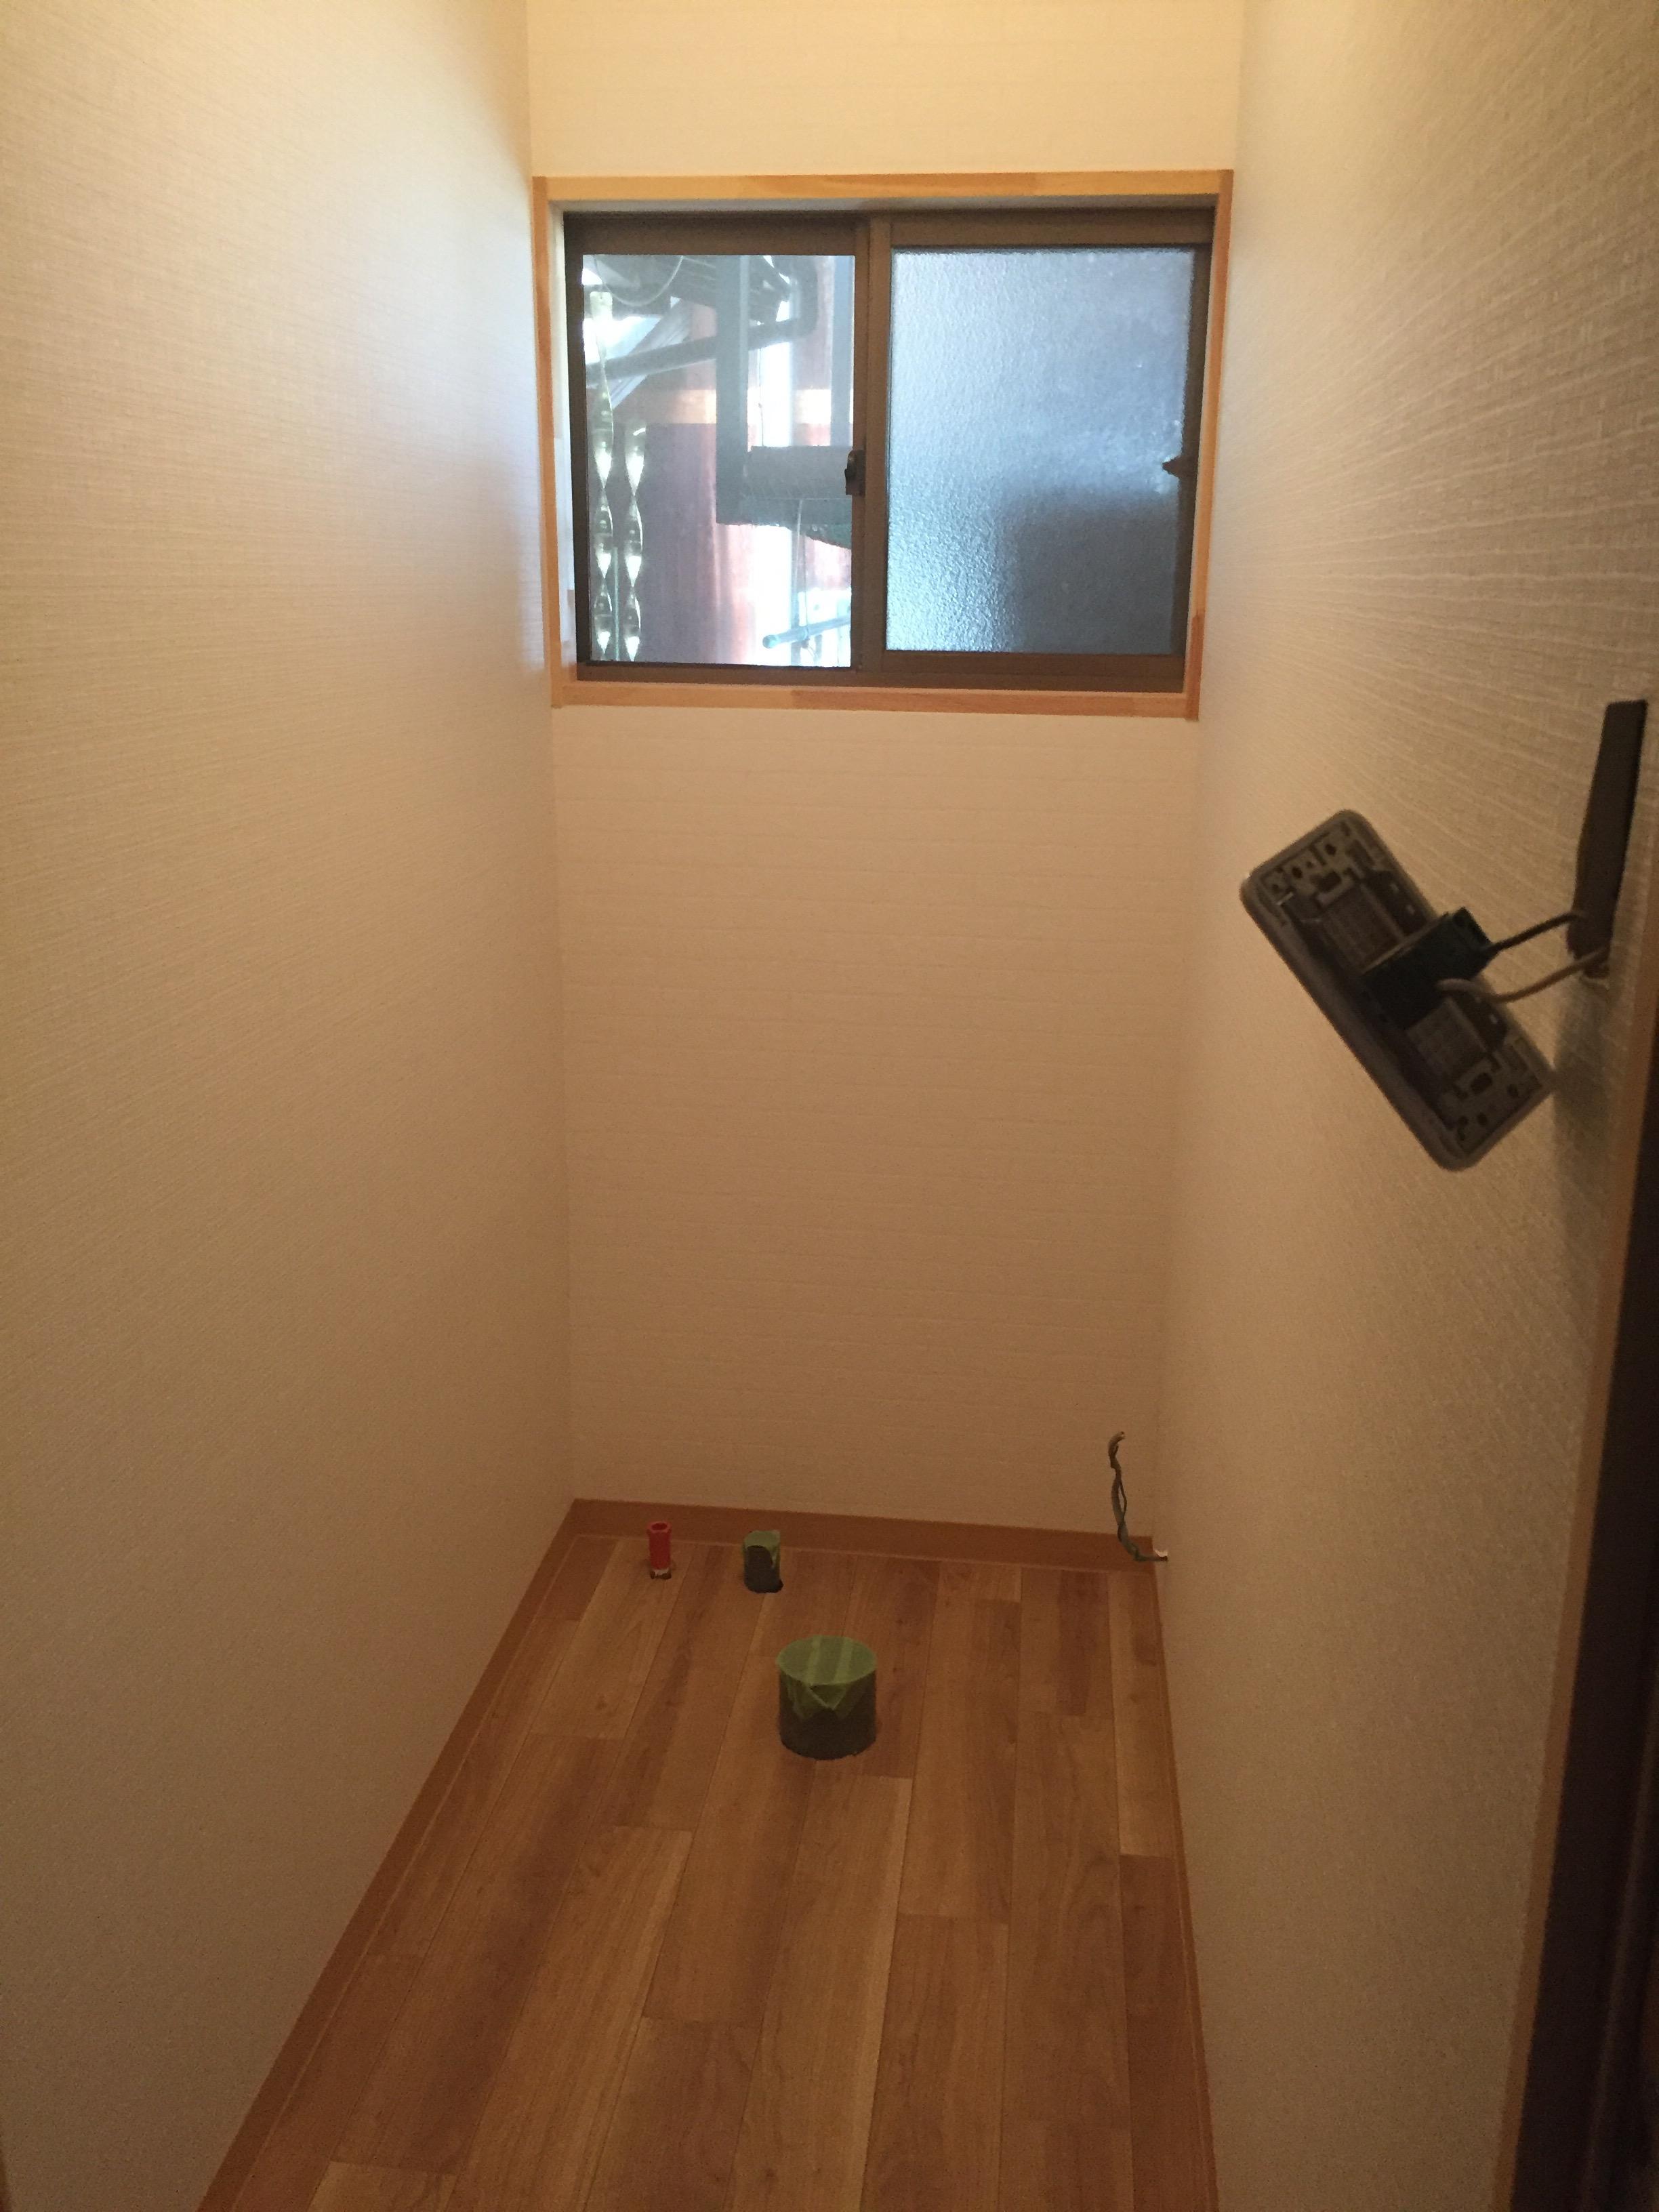 西条市 和式から簡易水栓トイレへリフォーム 施工中3